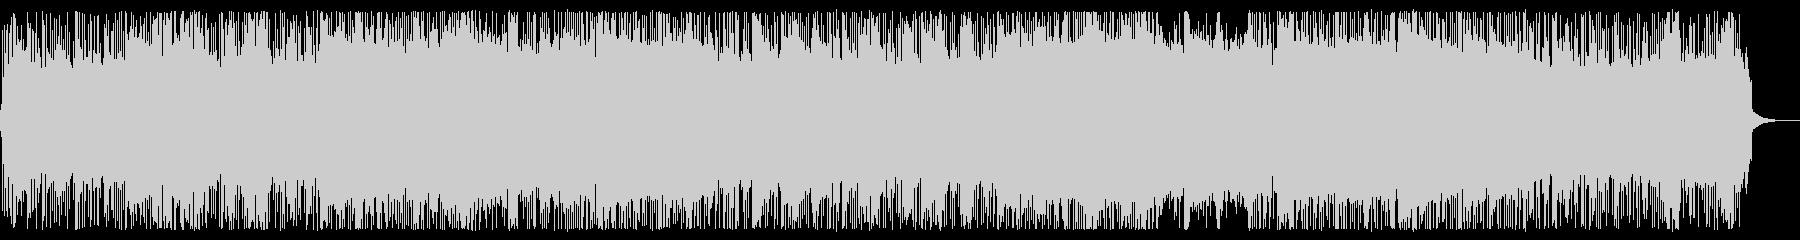 疾走感溢れるリフがエモいLAメタルメロ有の未再生の波形